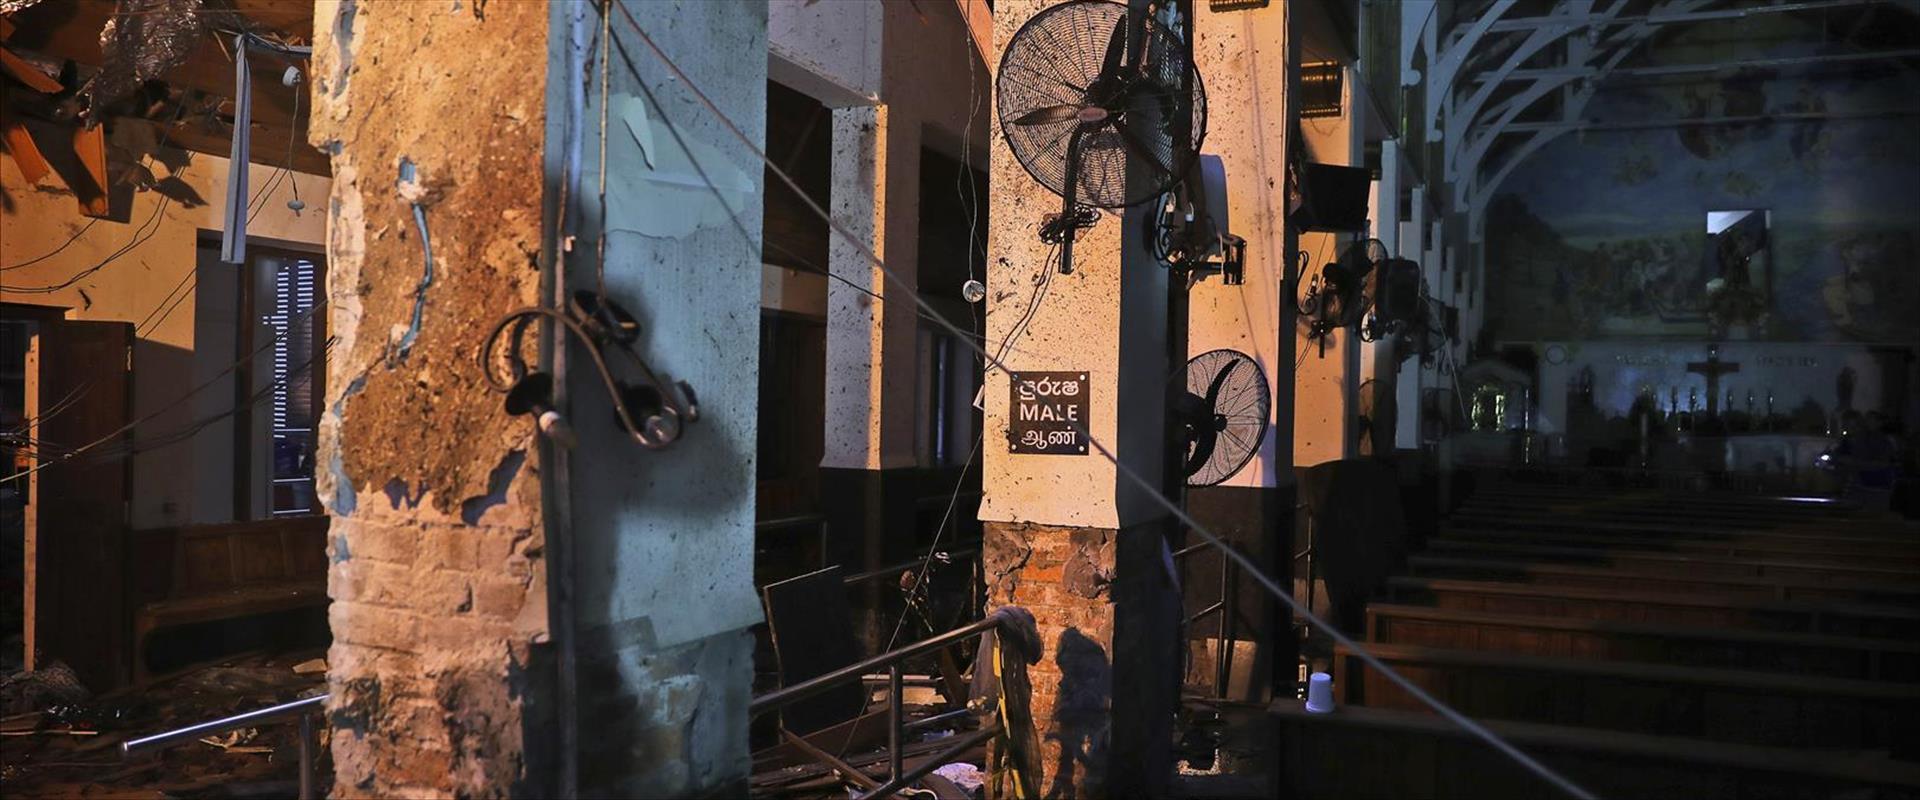 הנזק מפיגועי חג הפסחא בסרי לנקה